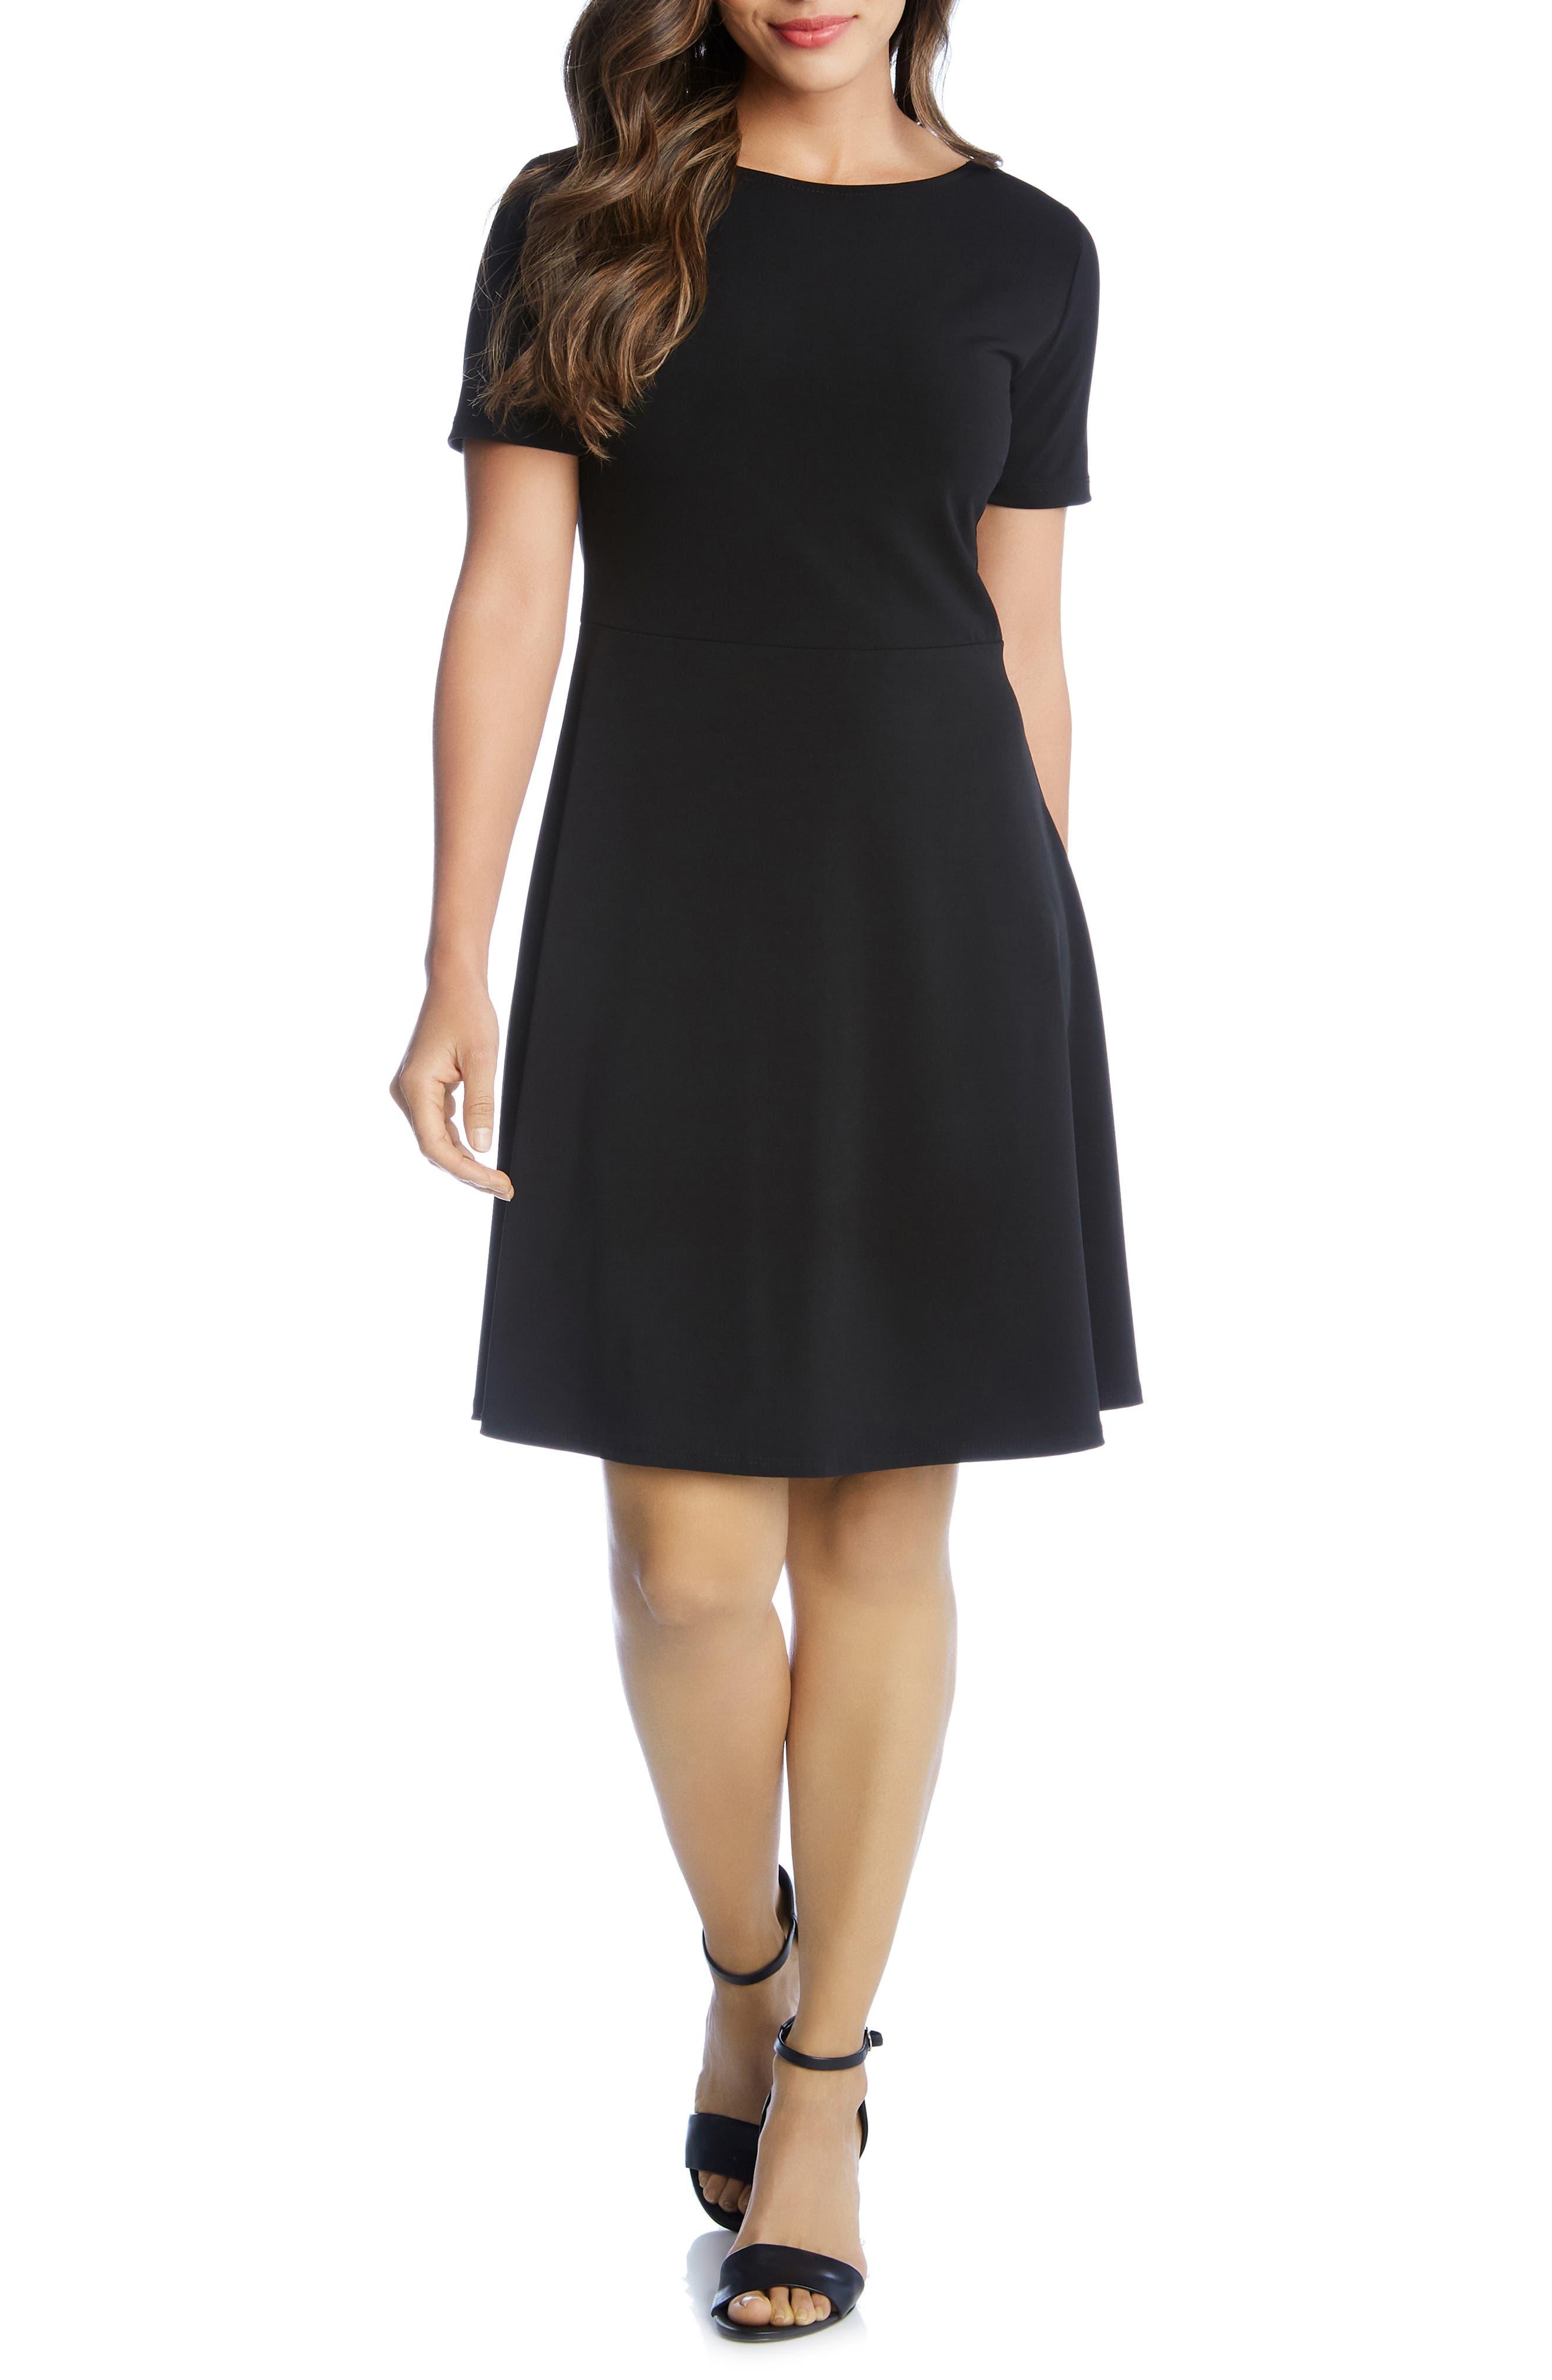 Karen Kane Short Sleeve Dress, Black